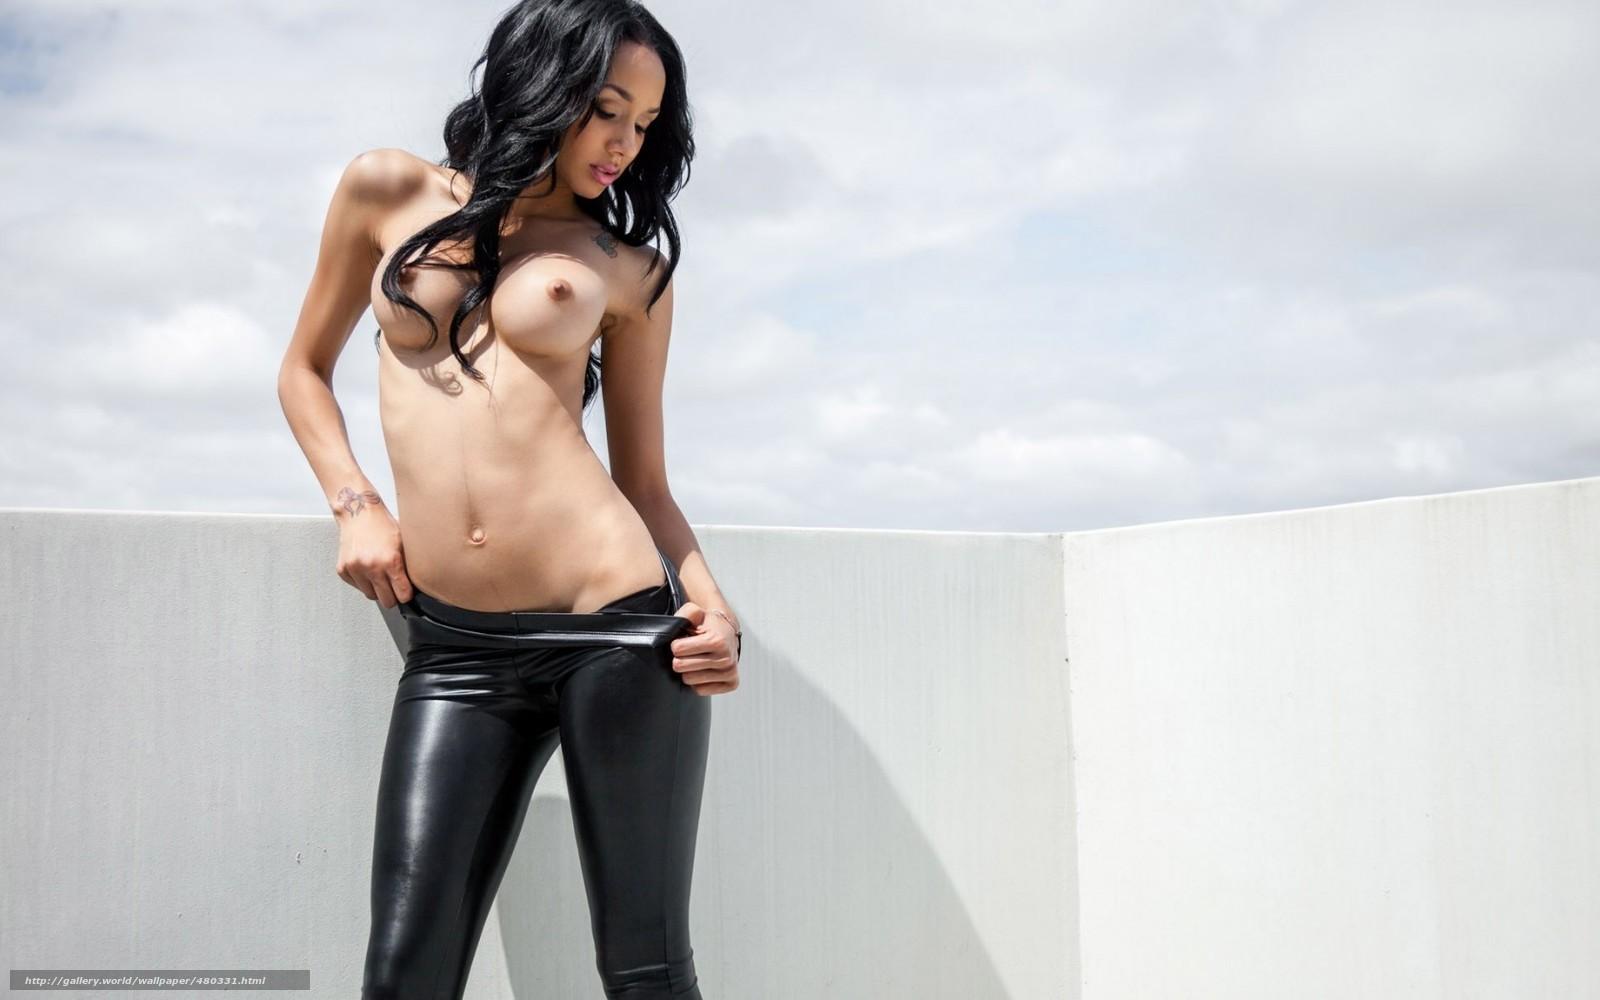 эротика девушки в леггинсах с большой красивой грудью